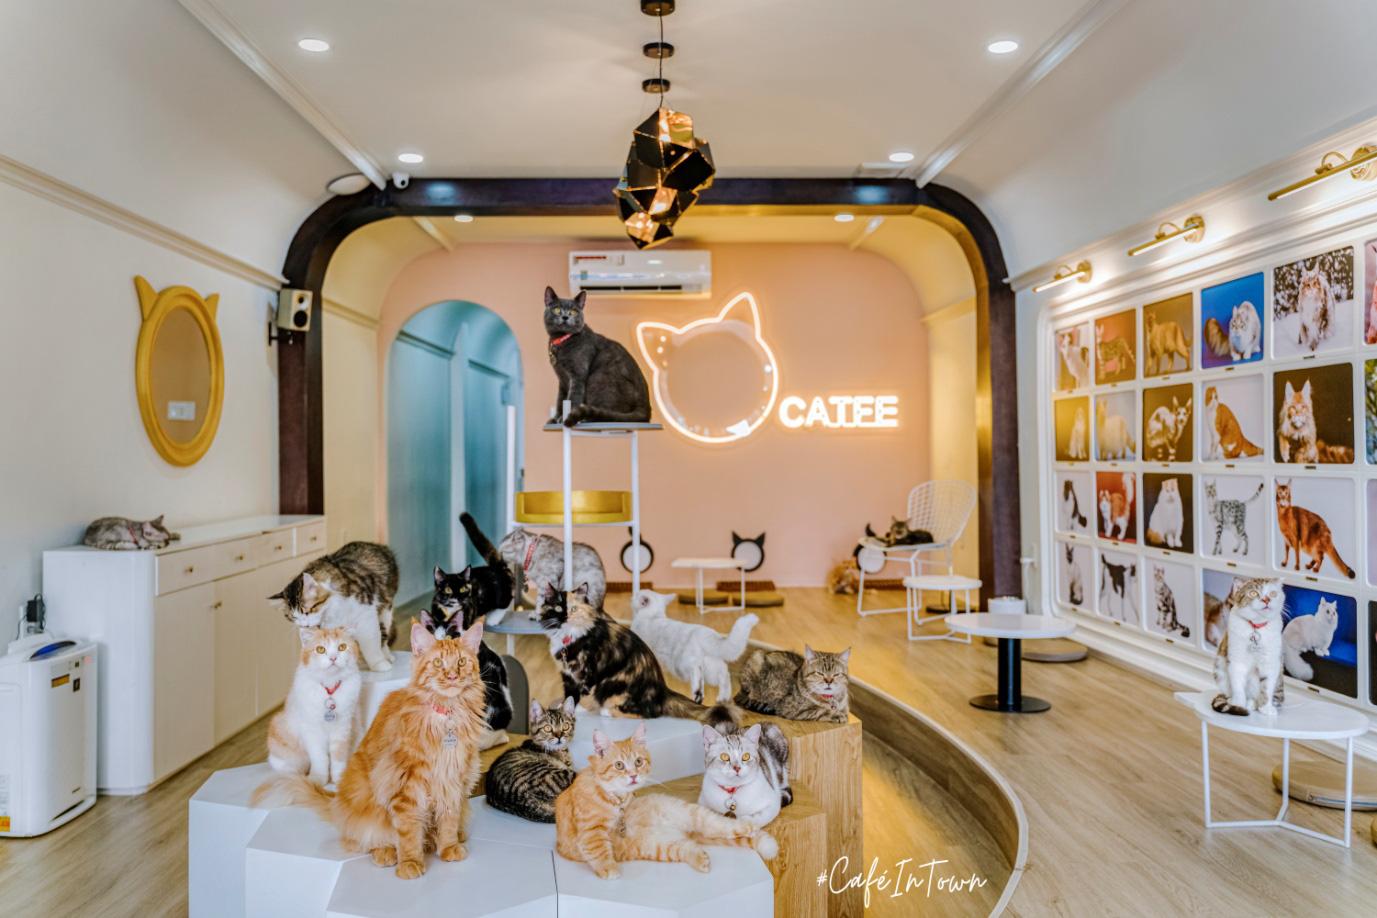 Hội mê boss, nhất định phải ghé check-in quán cafe mèo siêu chất này - Catfe - Ảnh 3.